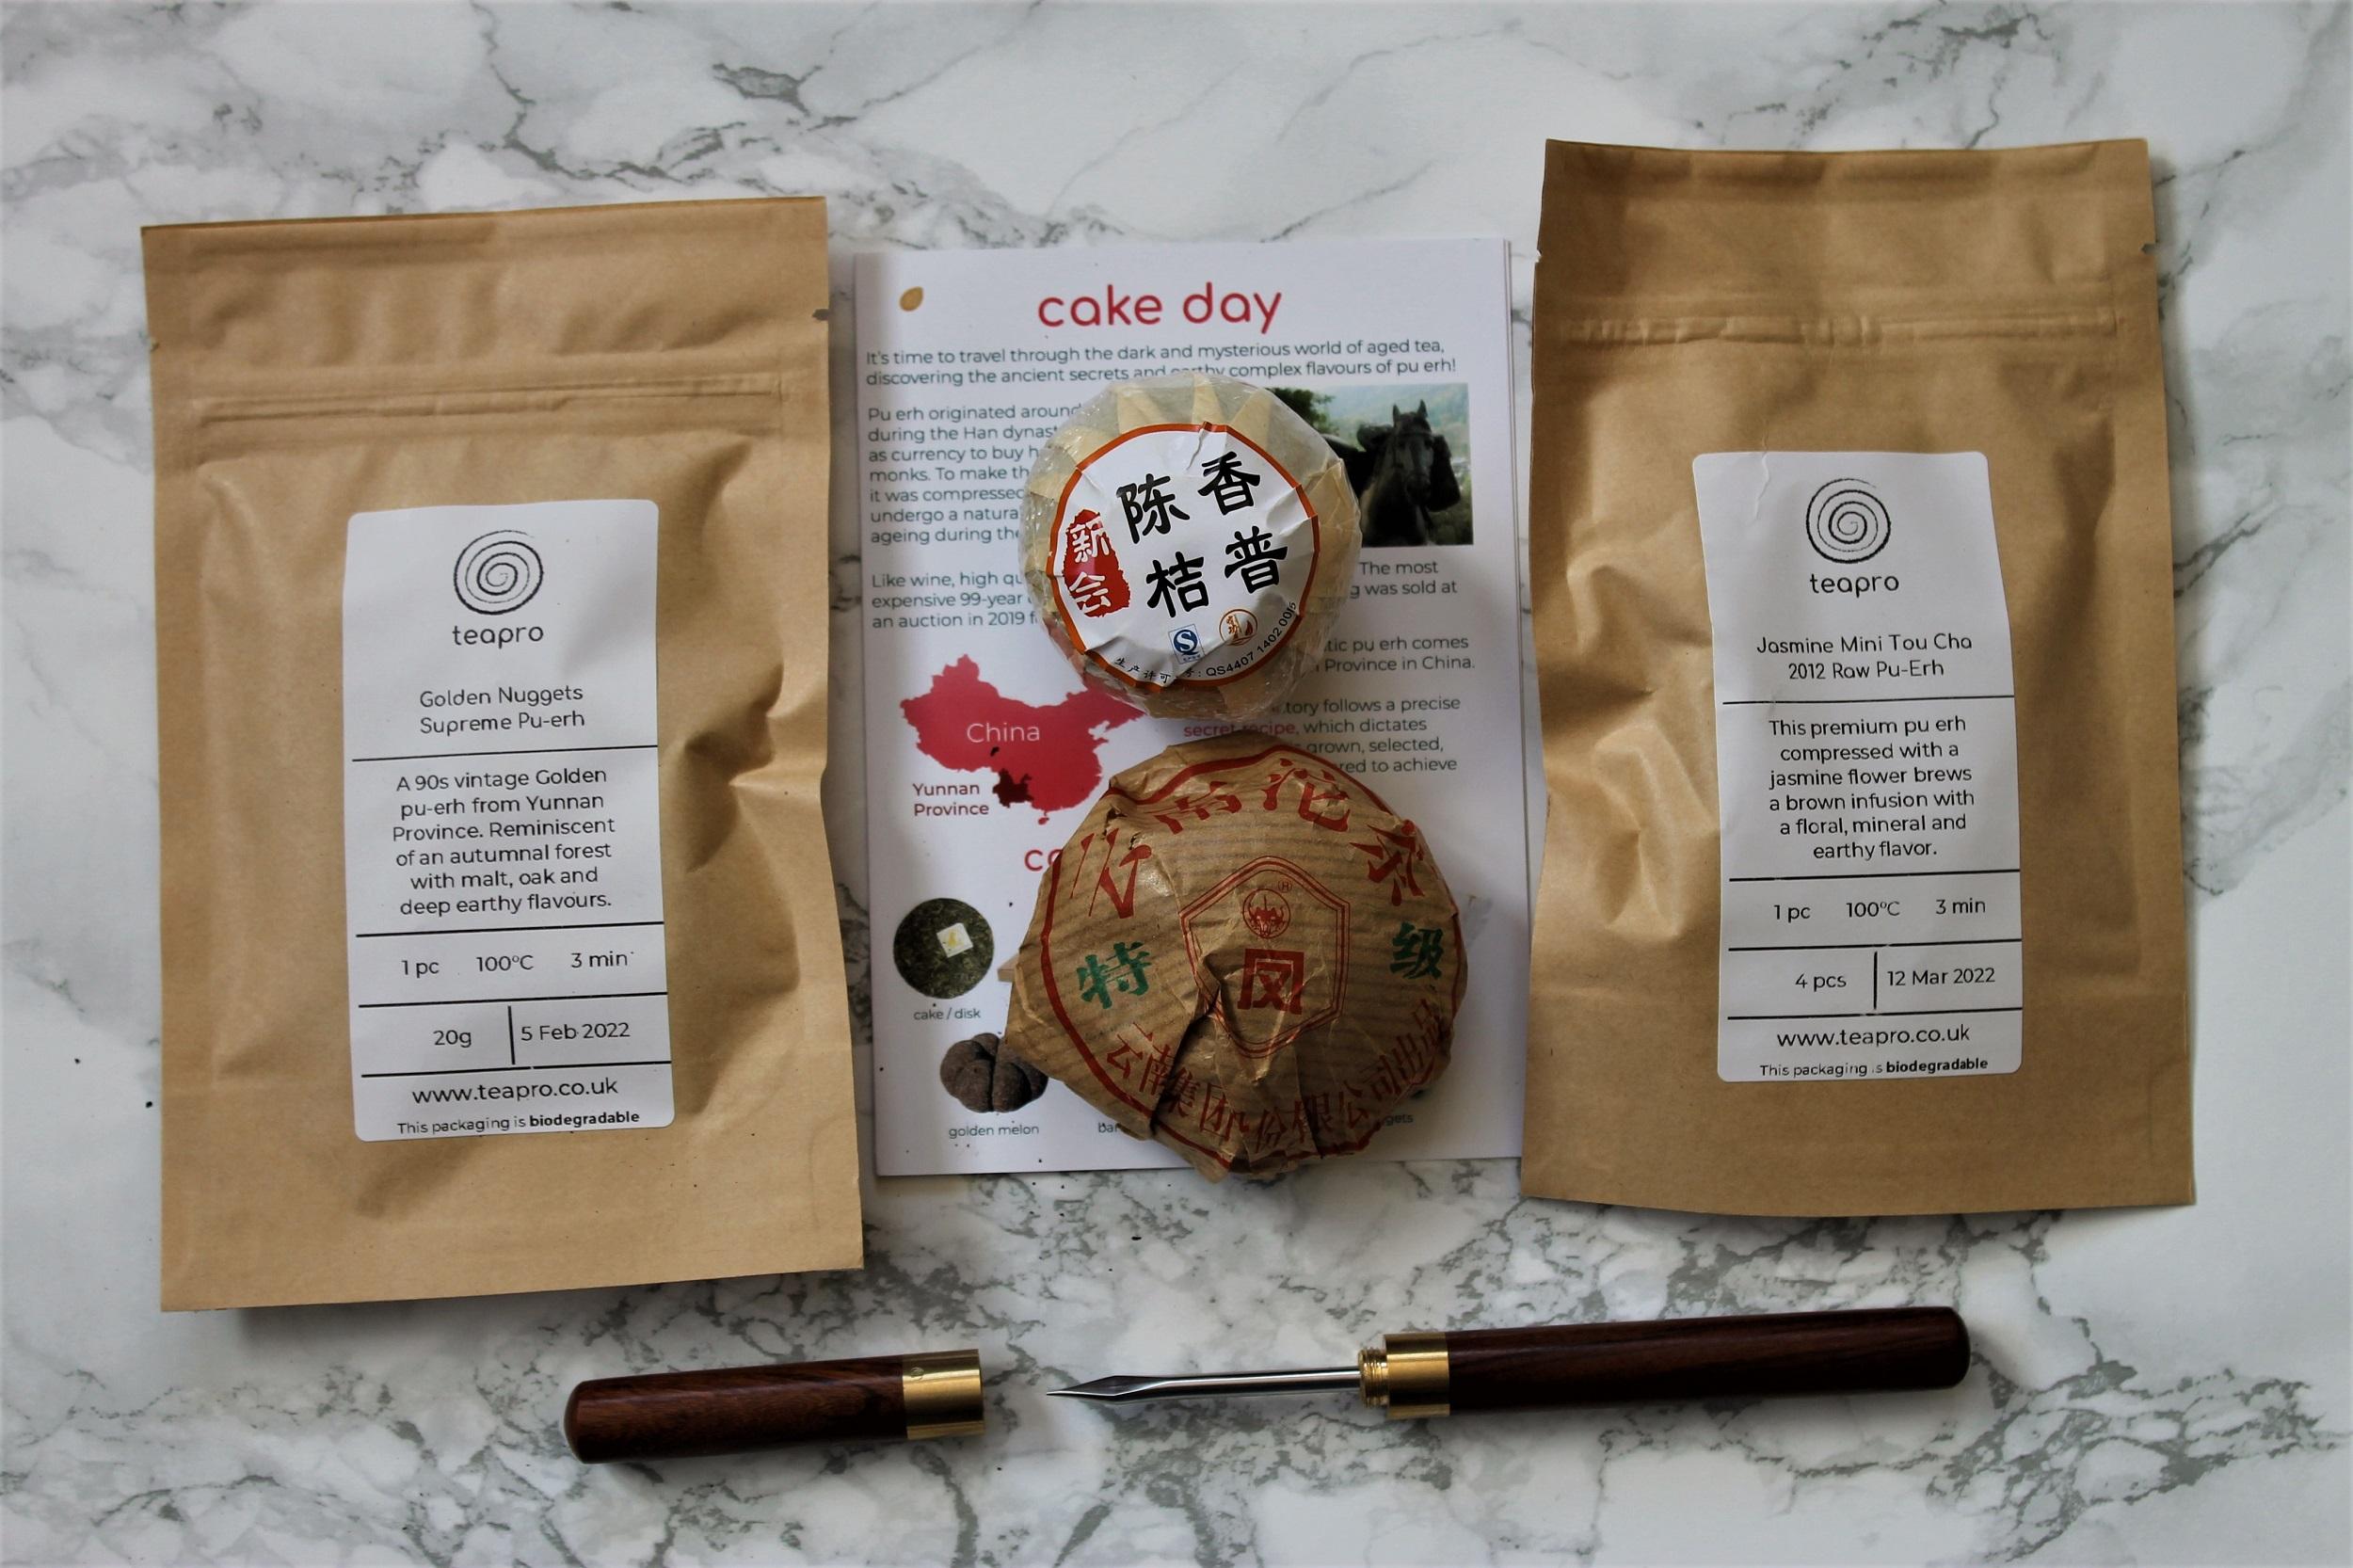 teapro subscription puehr tea review